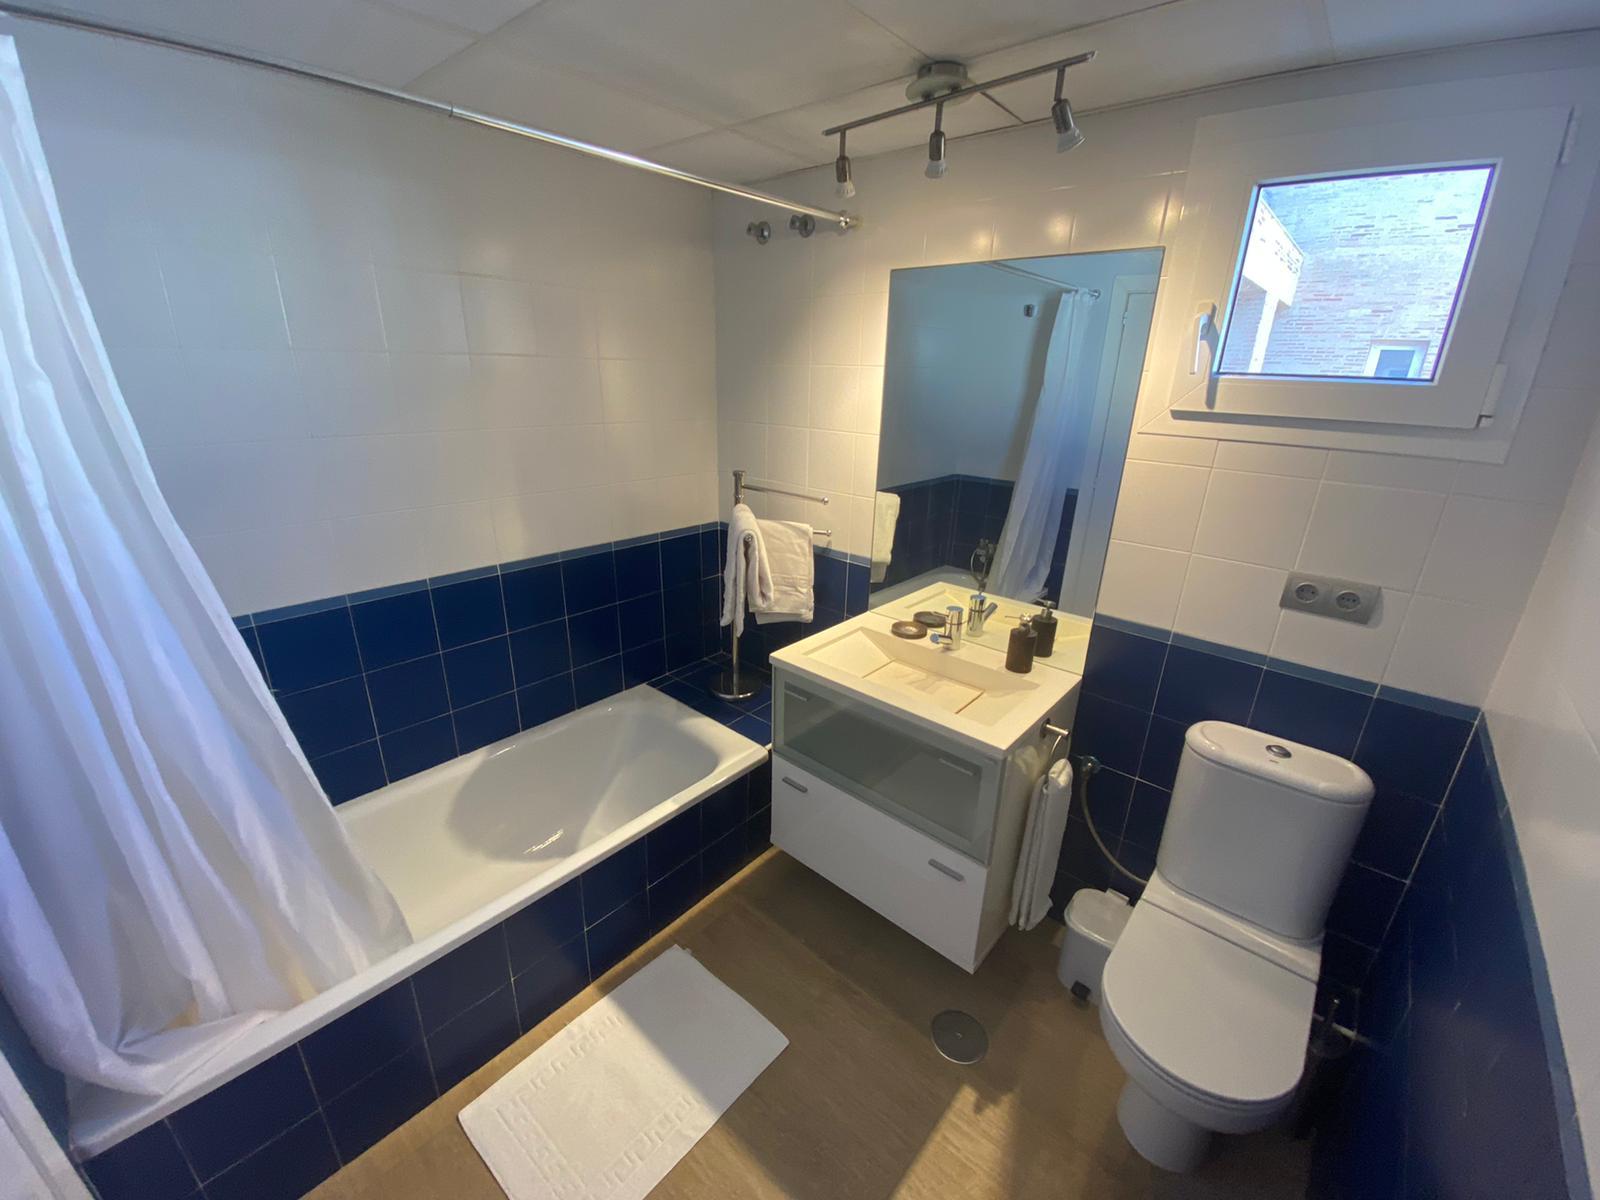 Imagen 45 del Apartamento Turístico, Ático 1 Levante (3d+2b), Punta del Moral (HUELVA), Paseo de la Cruz nº22